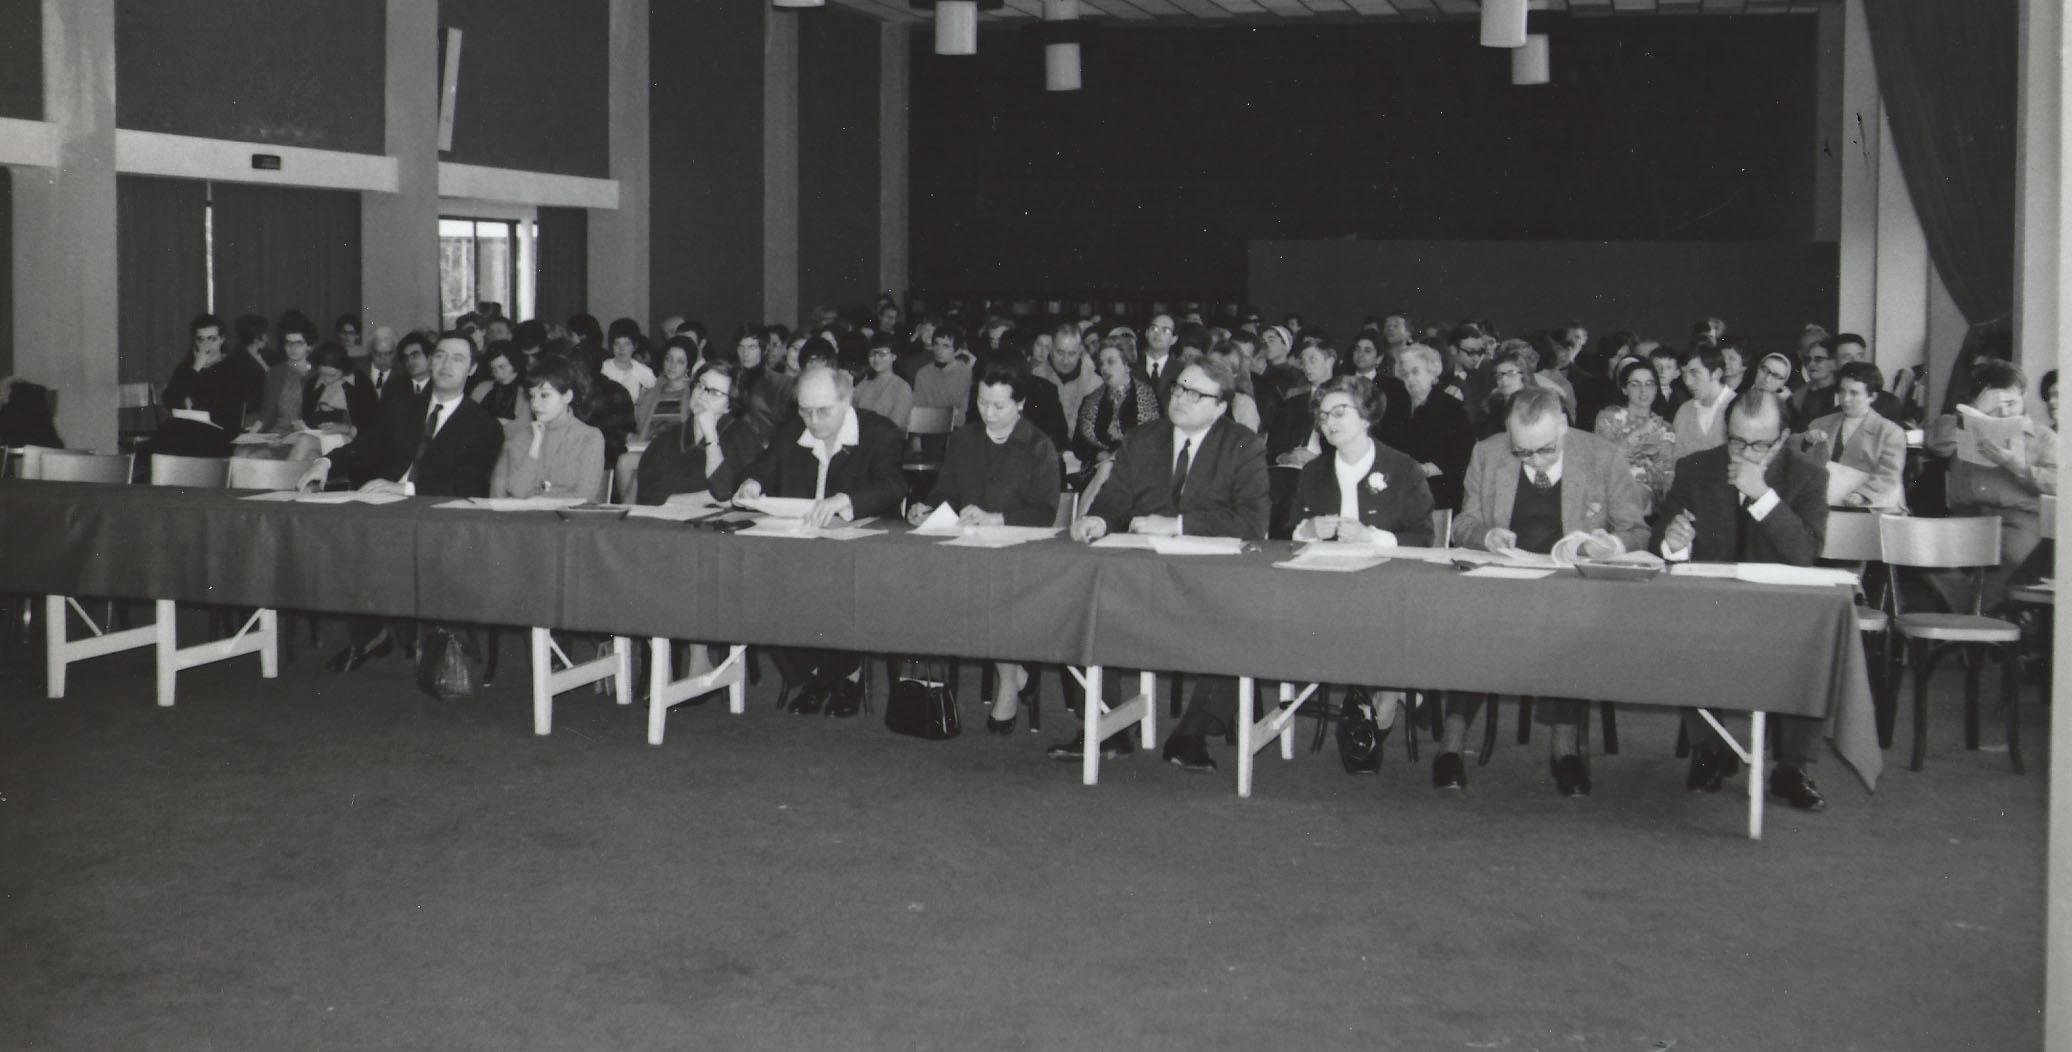 2e Concours Olivier Messiaen 1968 - C.S. Idil Biret, Margaret Kitchin, Olivier Messiaen, Sheiko Hara de Cassado, Maurice Le Roux, Yvonne Loriod, Jacques Février, André Boucourechliev (Ph. Michel Lavoix)